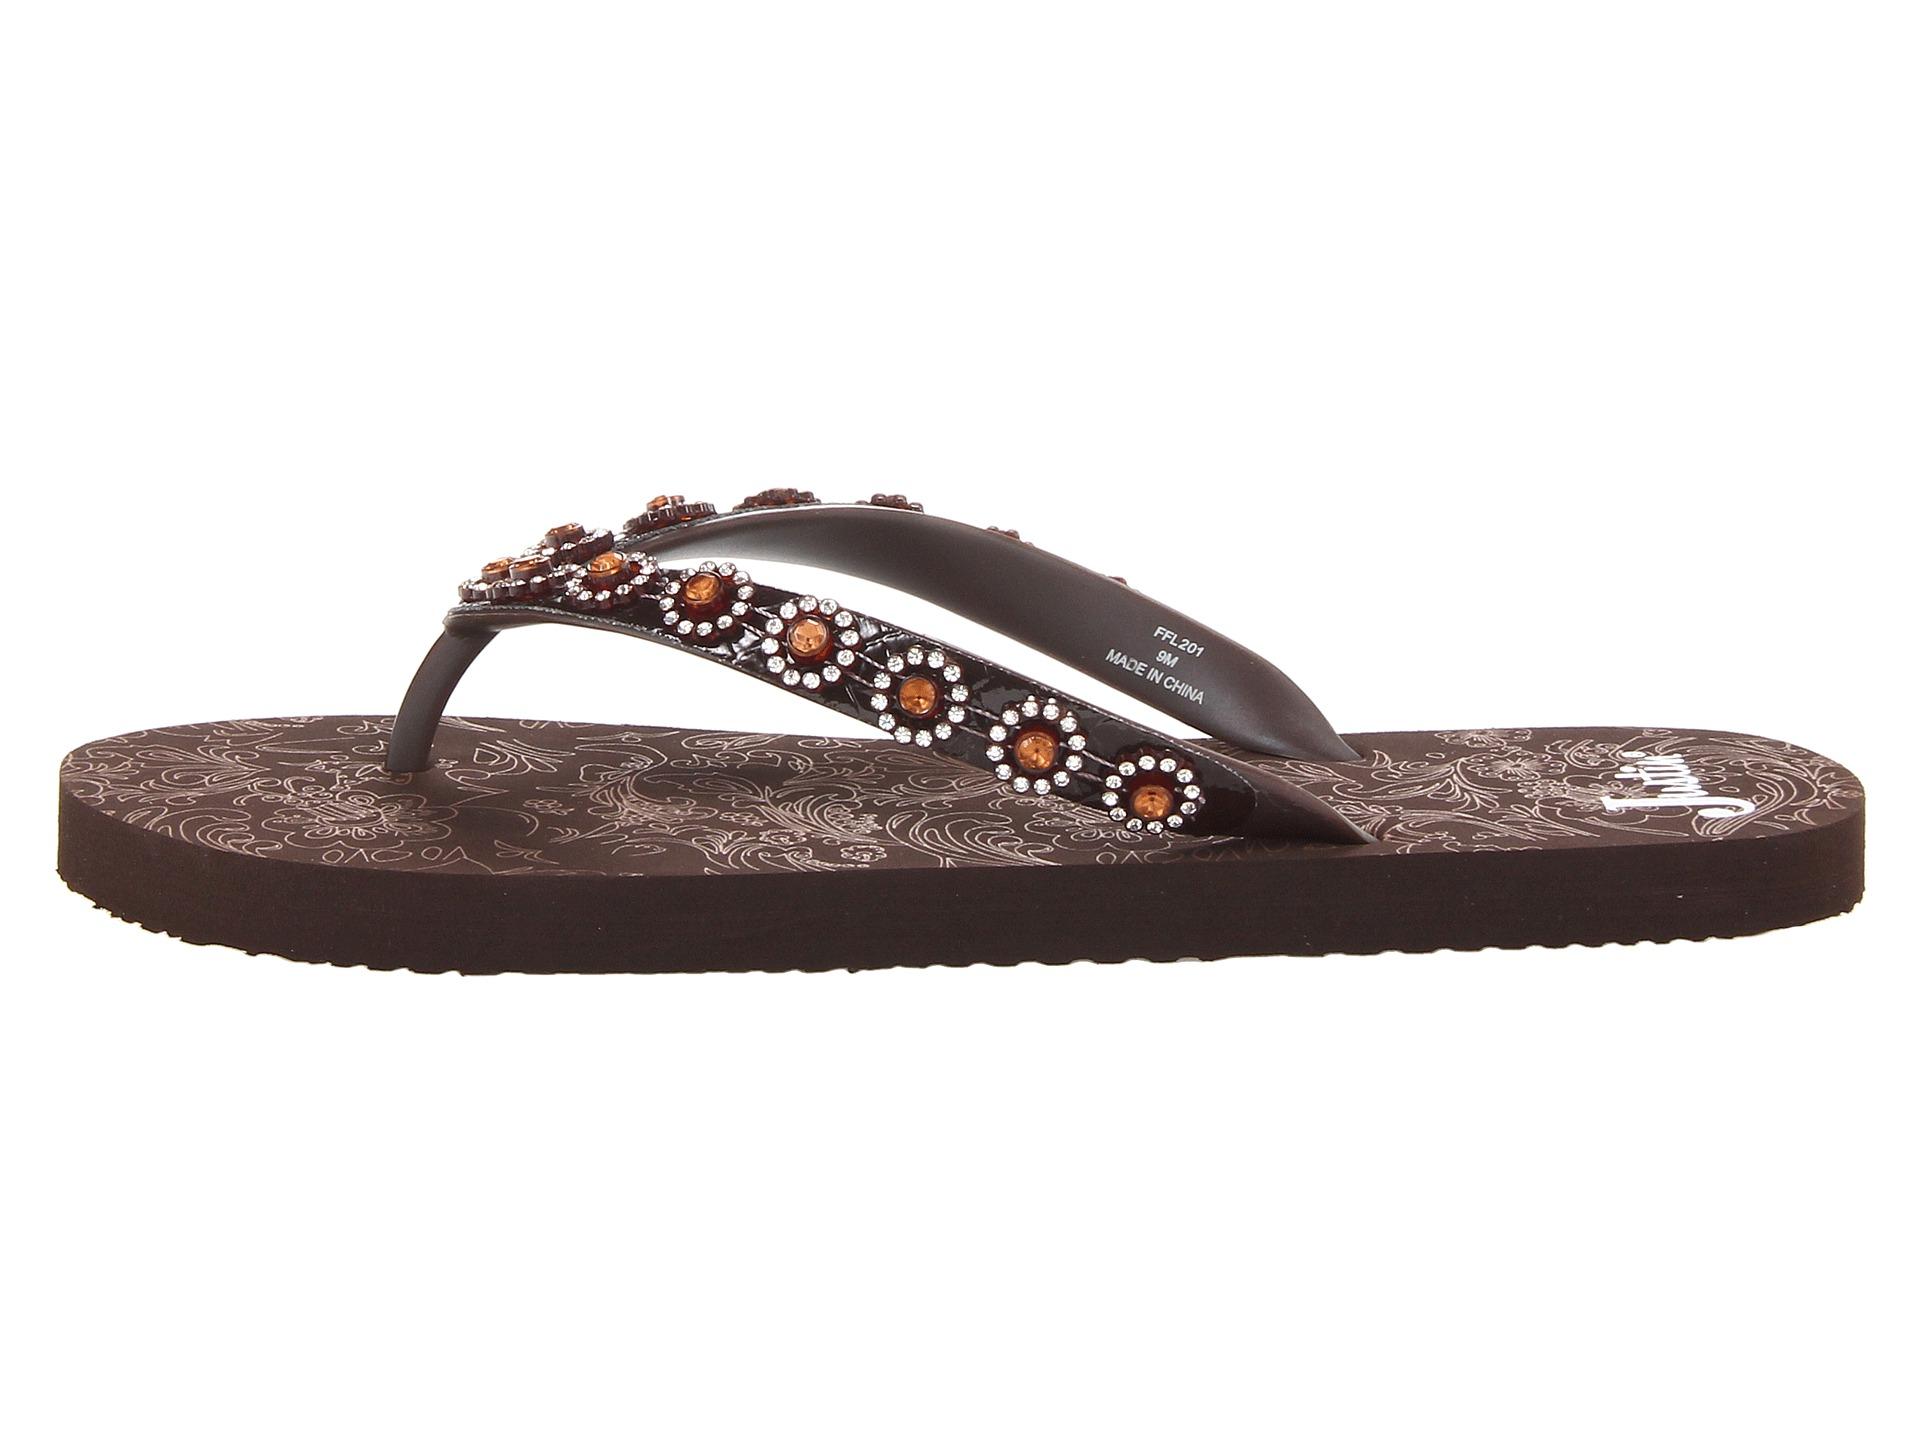 9fcd8ddbe3d821 Sparkling Flip Flops For Kids Justin ~ Kids Sandals